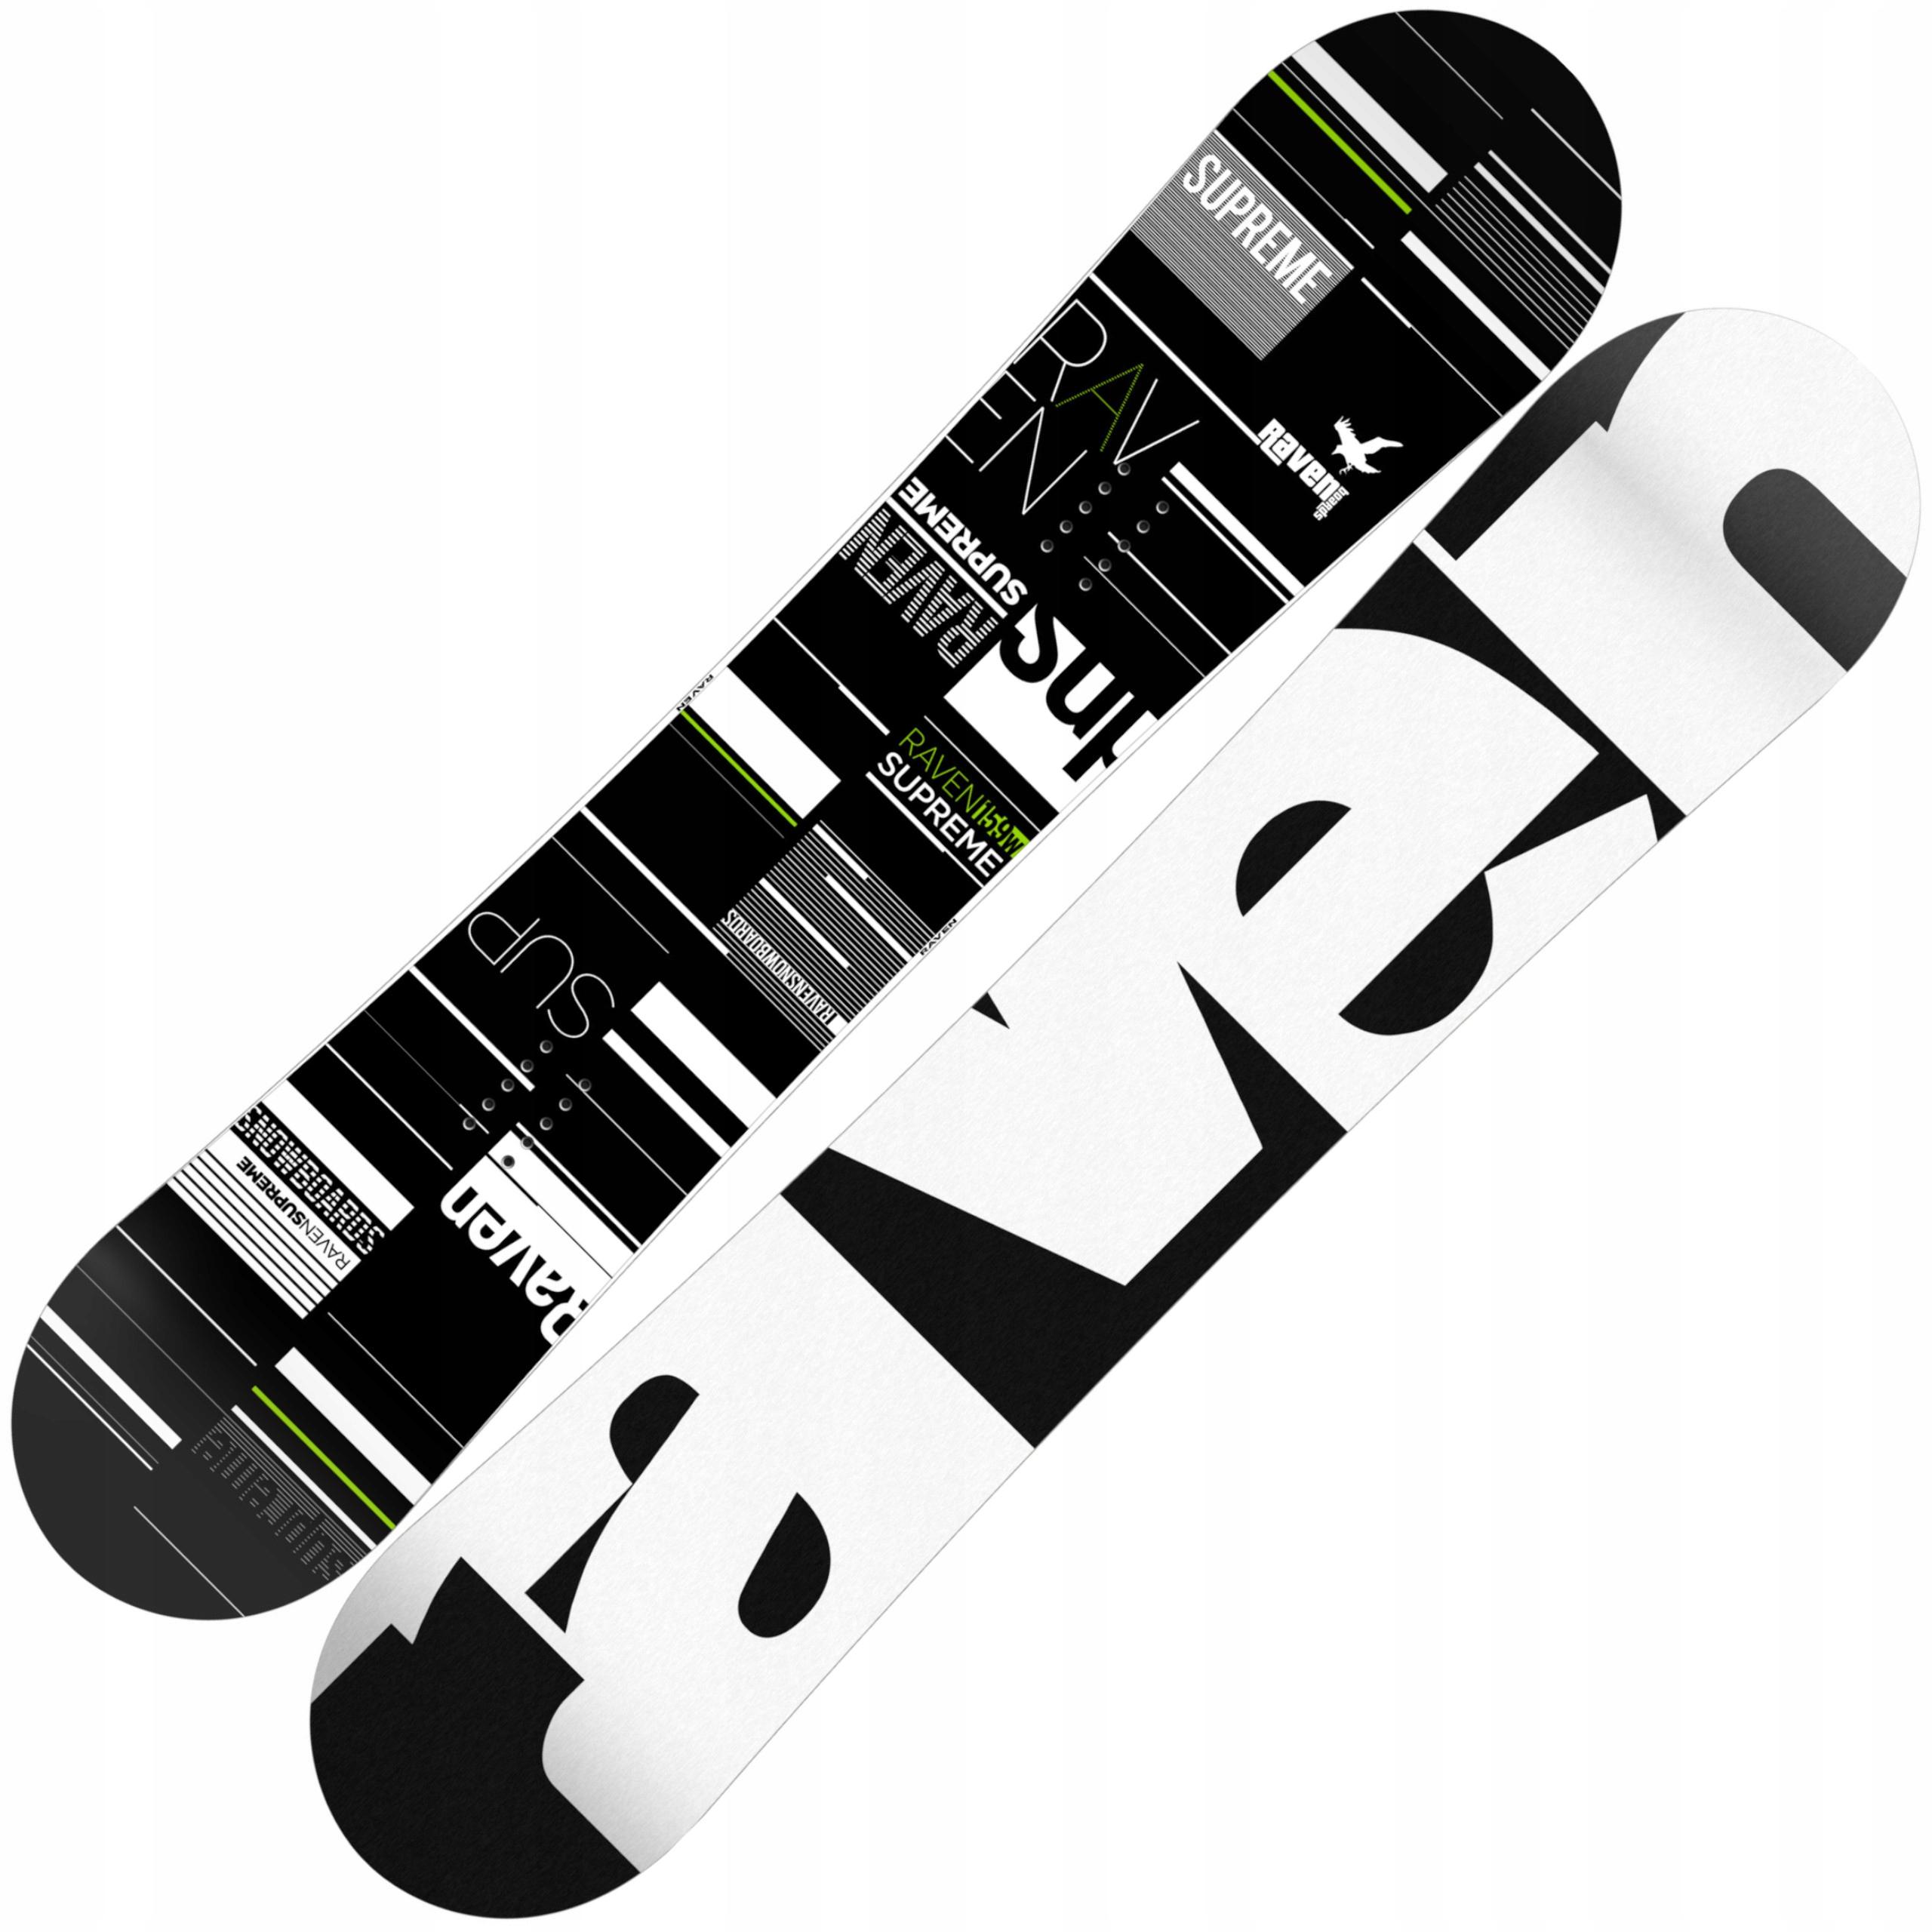 RAVEN Najvyššieho snowboard Zelená 158 cm Široký 2020